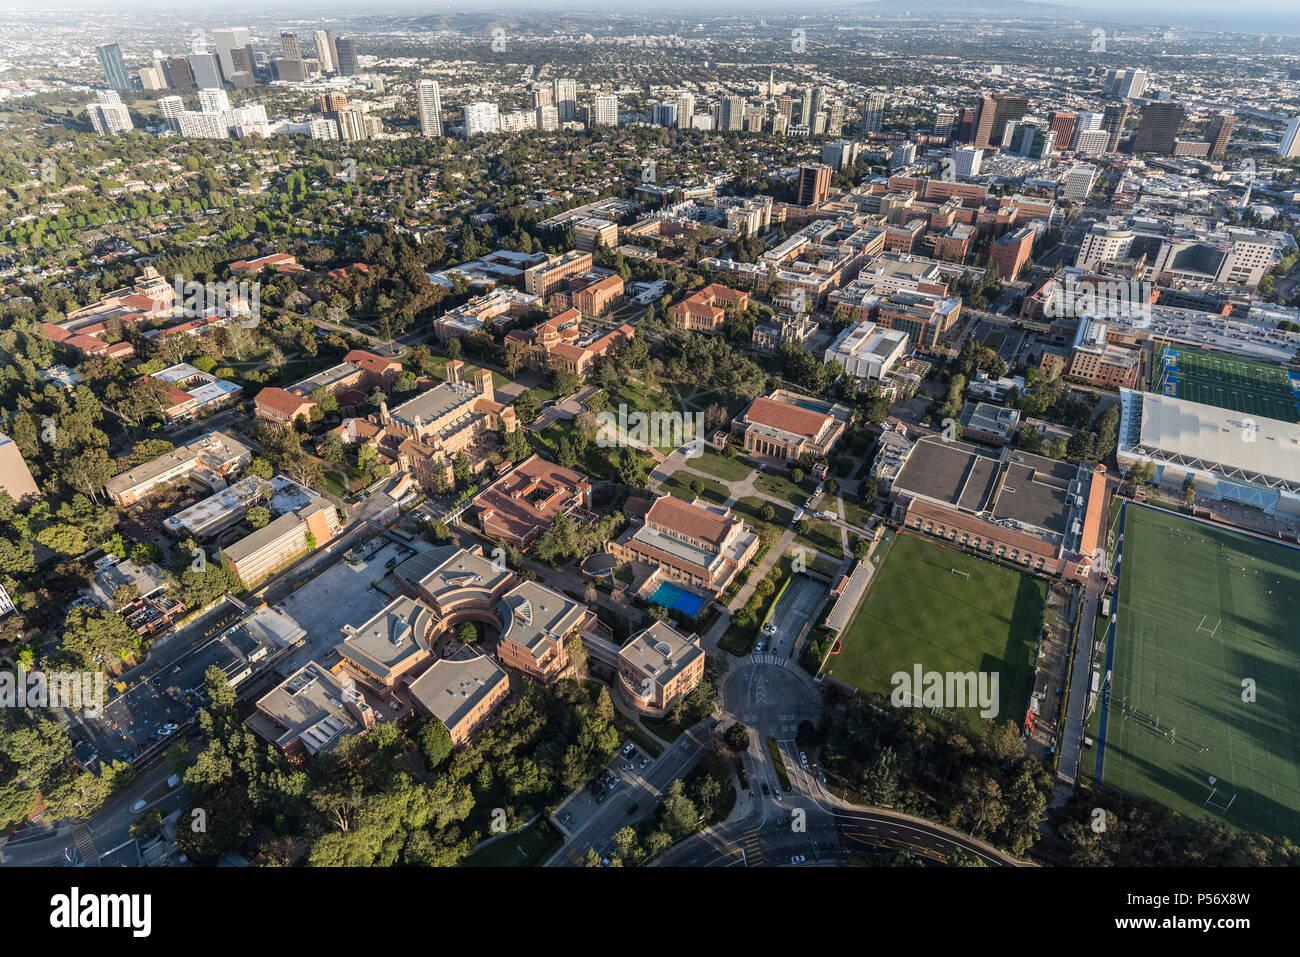 Los Angeles, California, EE.UU. - 18 de abril de 2018: Antena descripción de UCLA campus con Century City y Westwood en segundo plano. Foto de stock